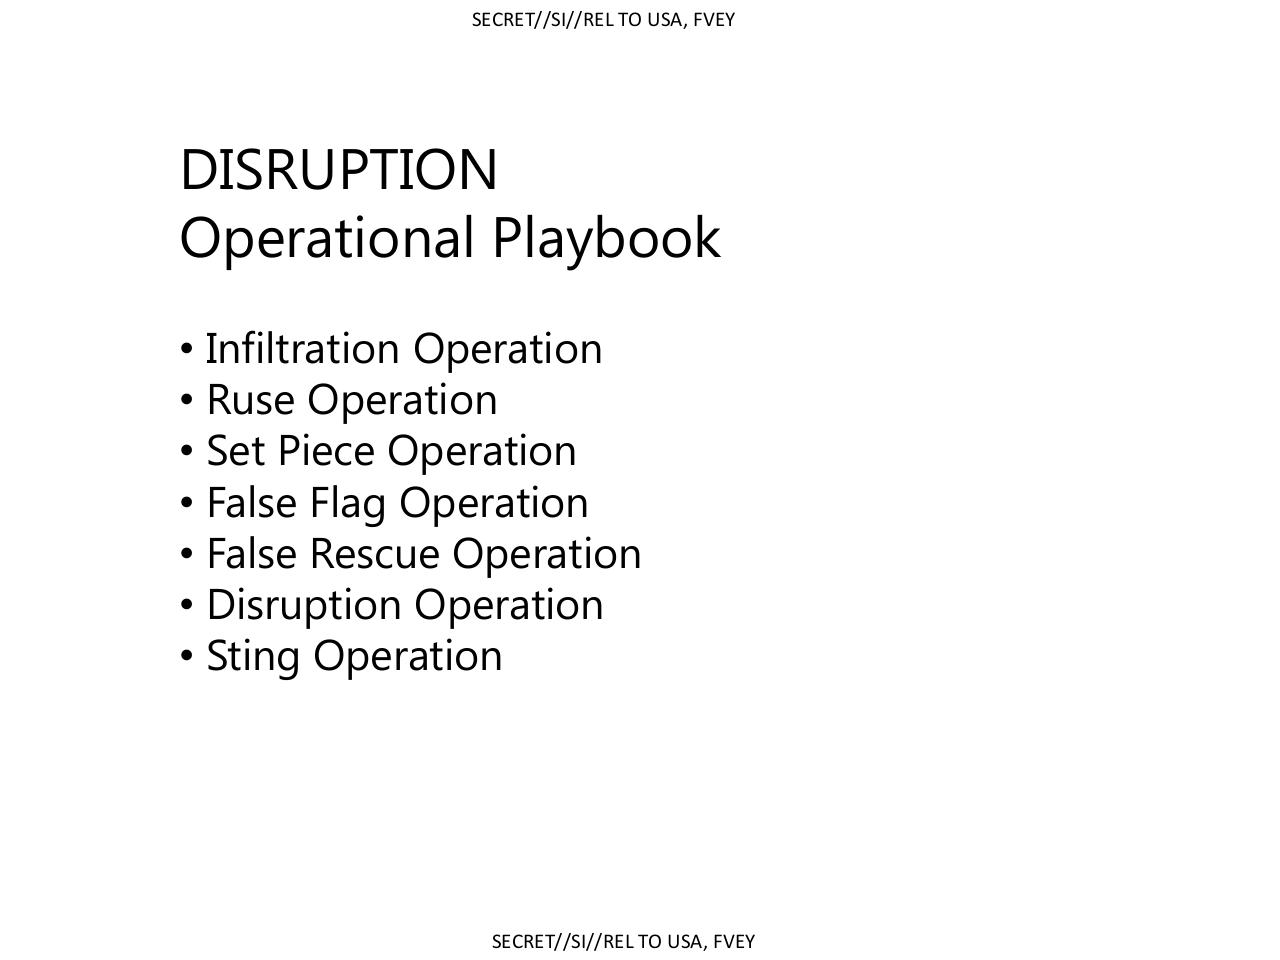 Ruptura:  Cartilha Operacional  - Operação de Infiltração  - Operação de Enganação  - Operação de Falsa Bandeira  - Operação de Falso Salvamento  - Operação de Ruptura  - Operação Sting (operação onde normalmente um agente infiltrado adquiri a confiança)